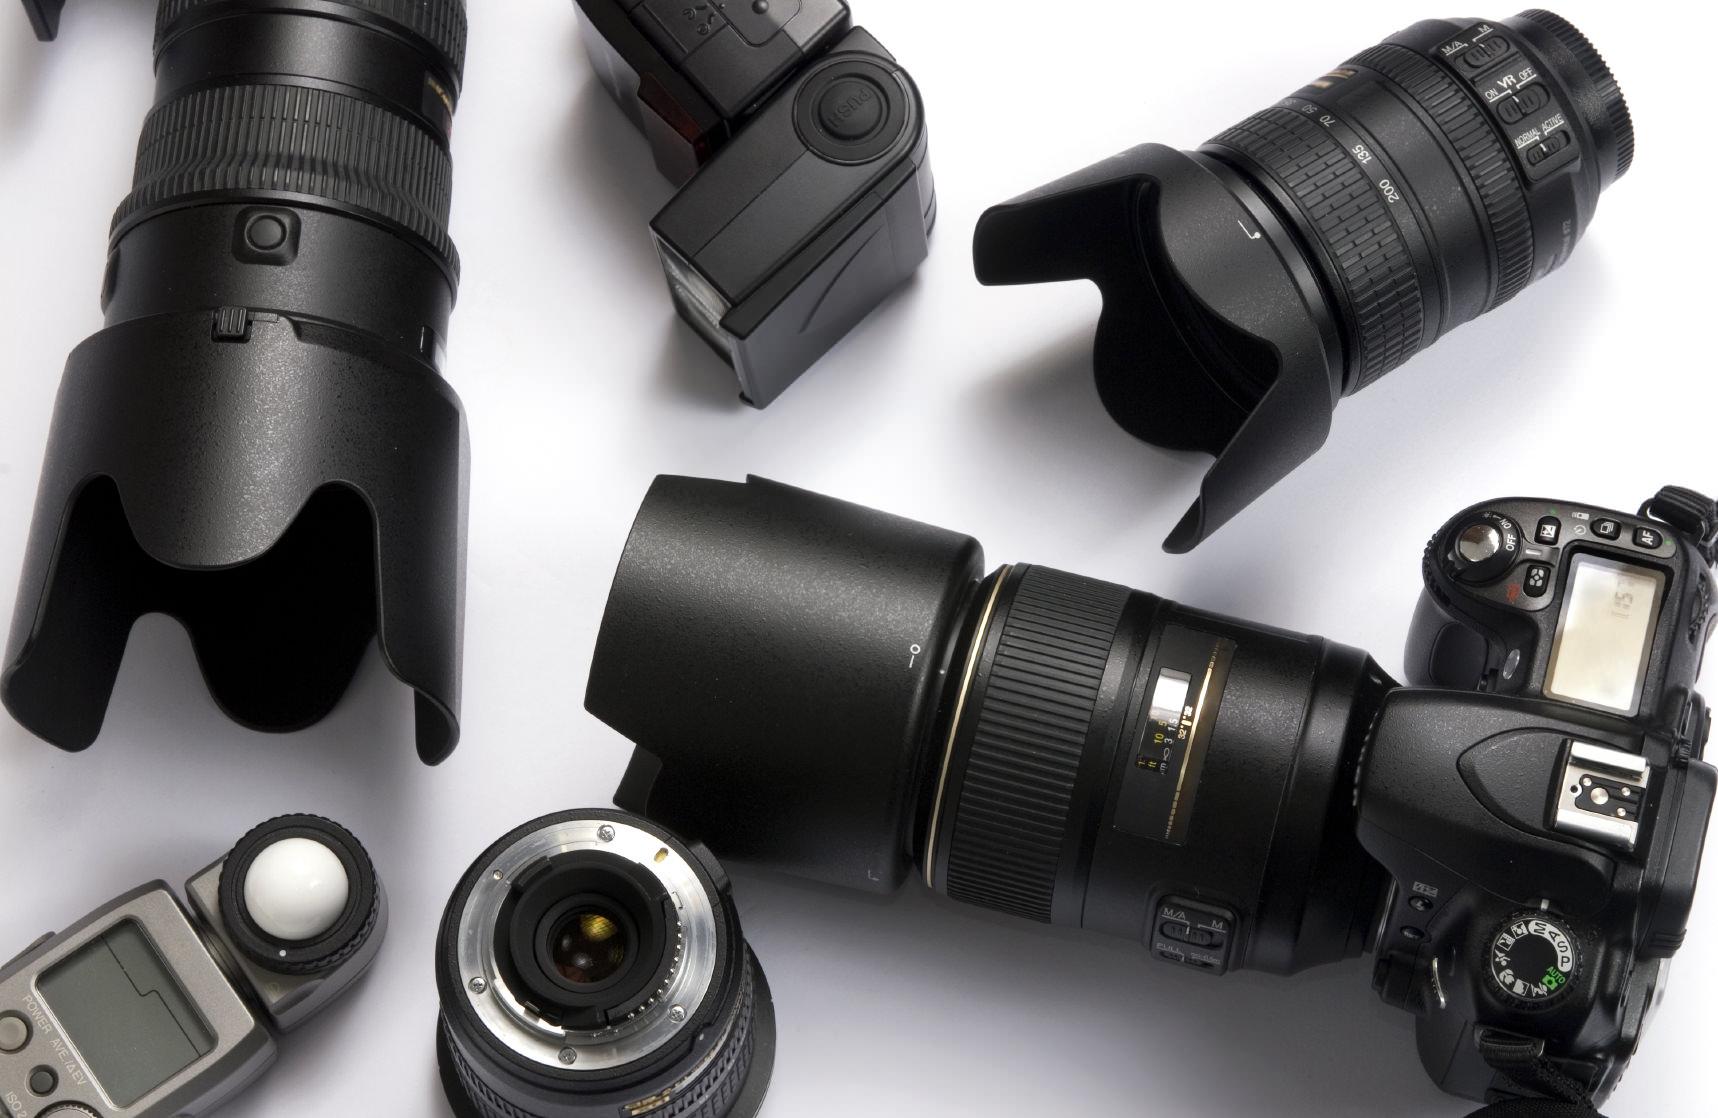 Attrezzatura fotografica - 4 modi per raccontare meglio le storie con le tue foto